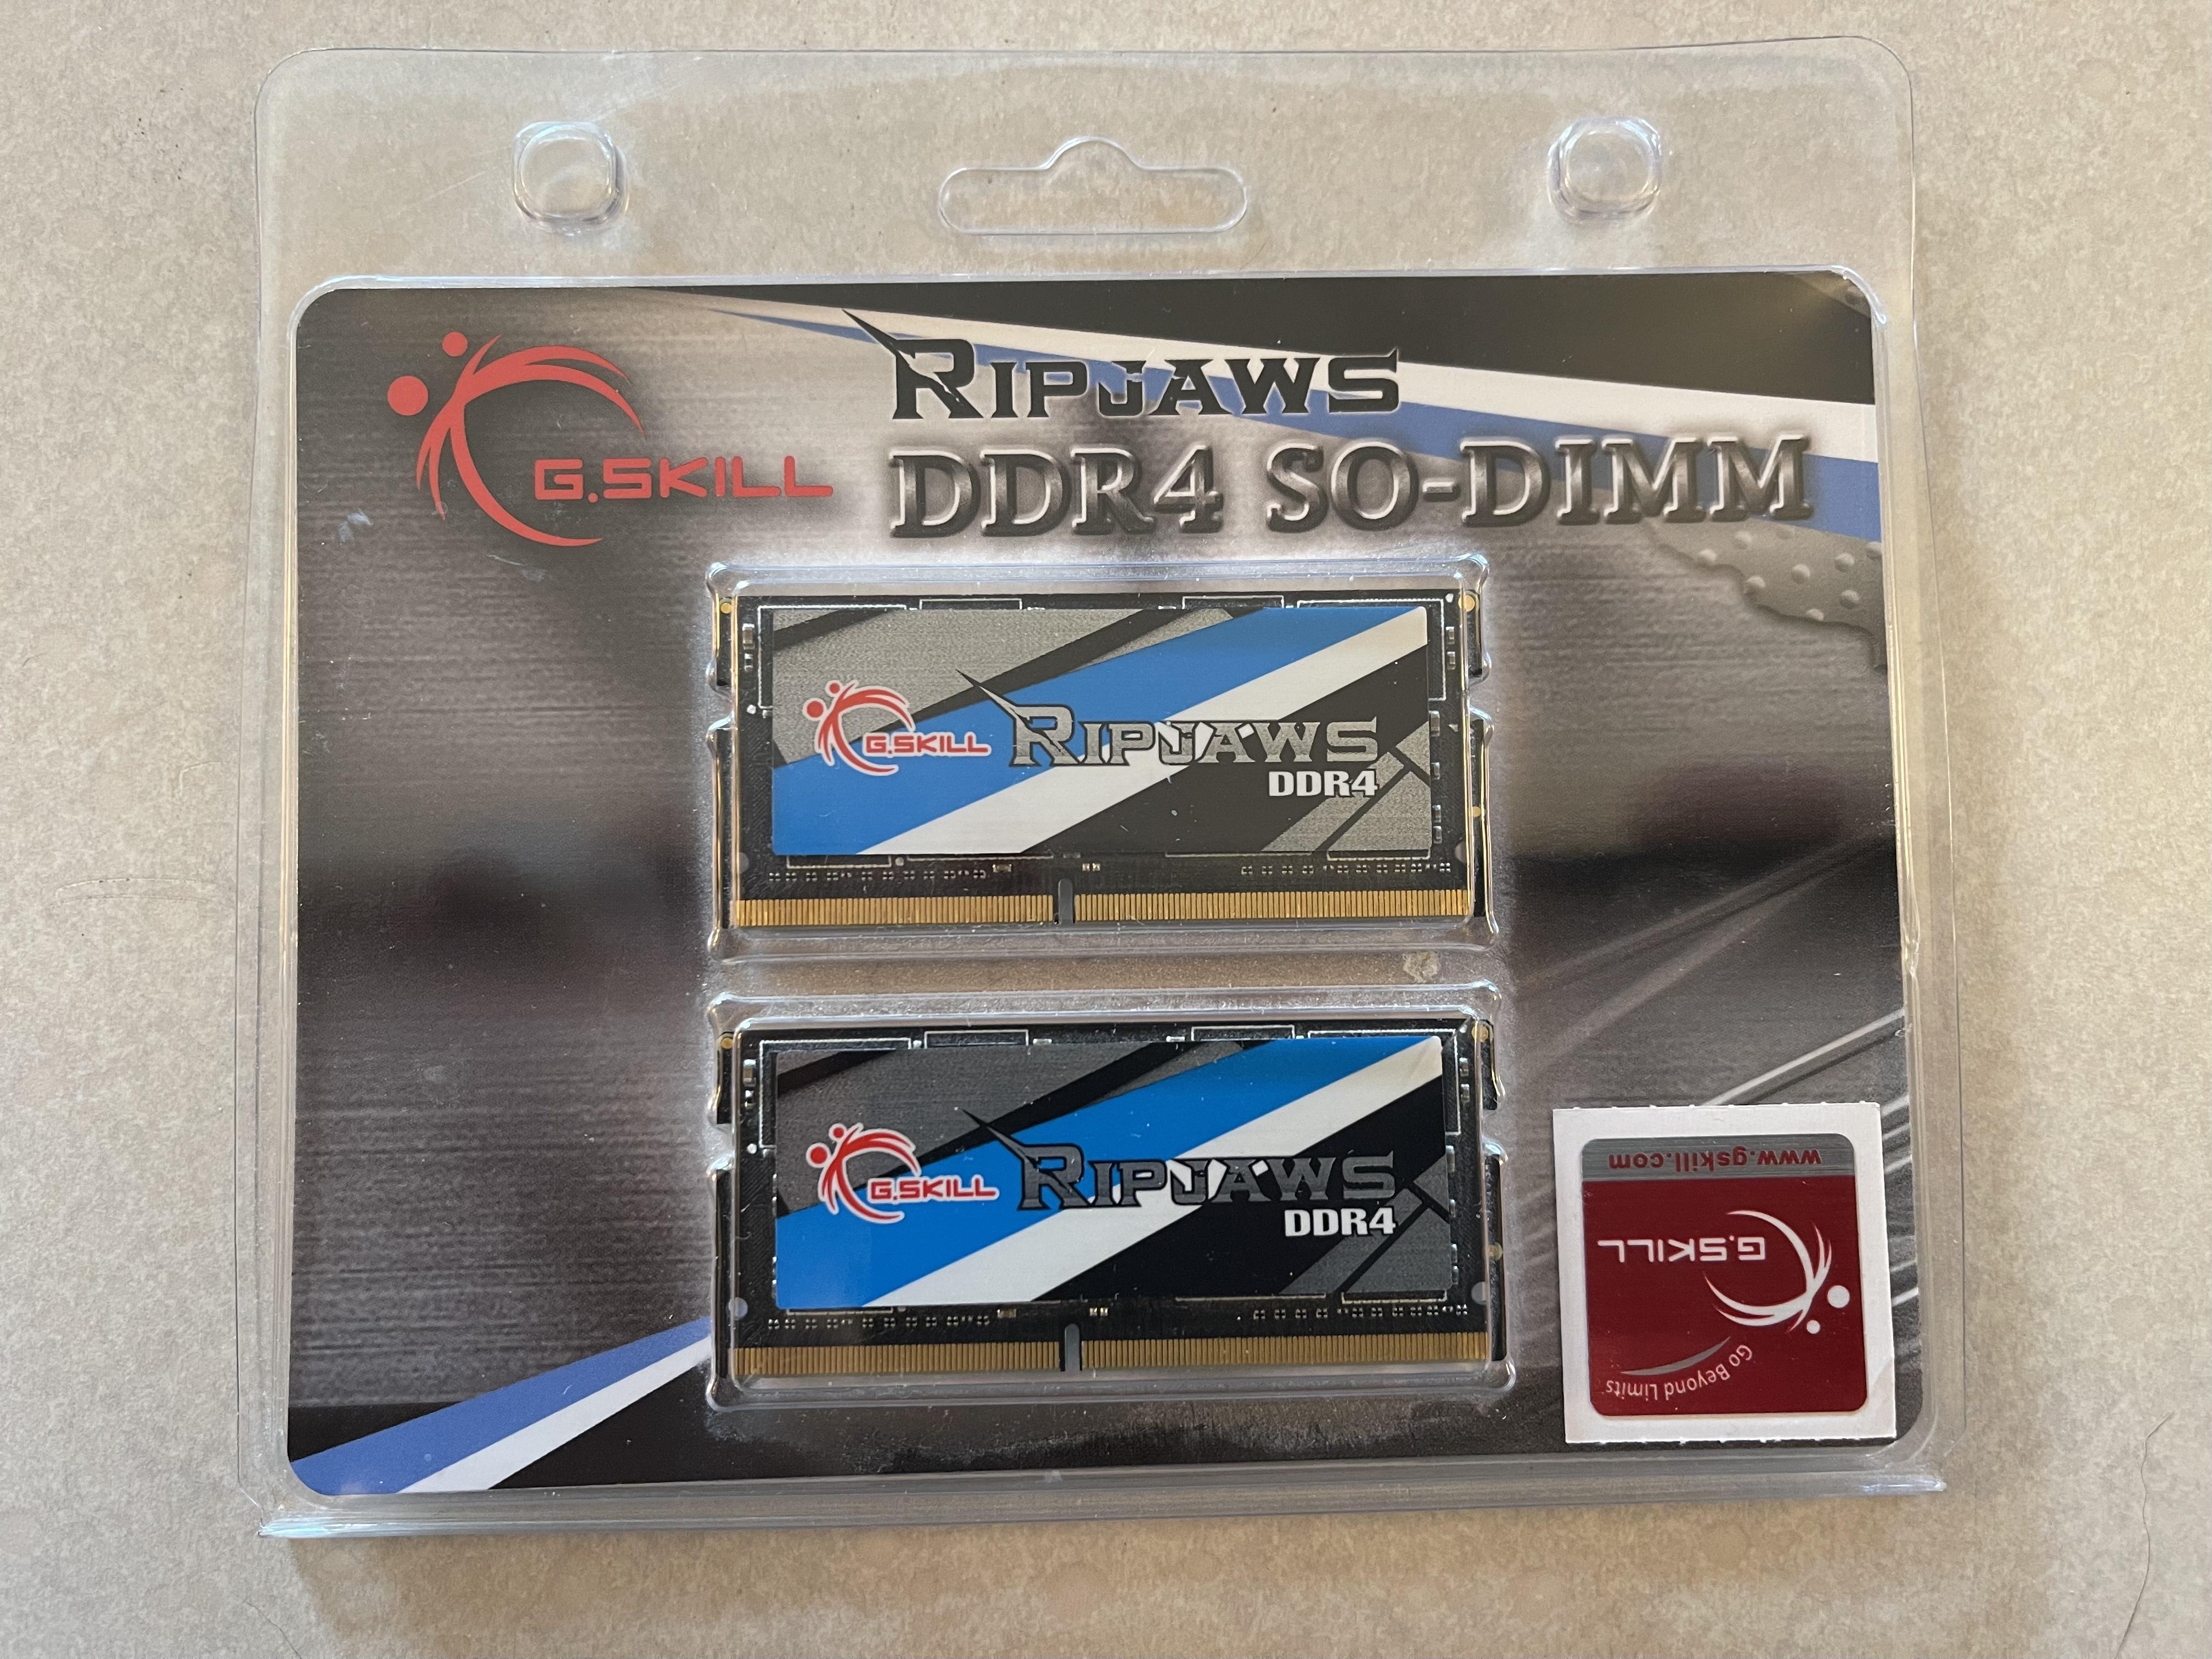 RipJaws DDR 5